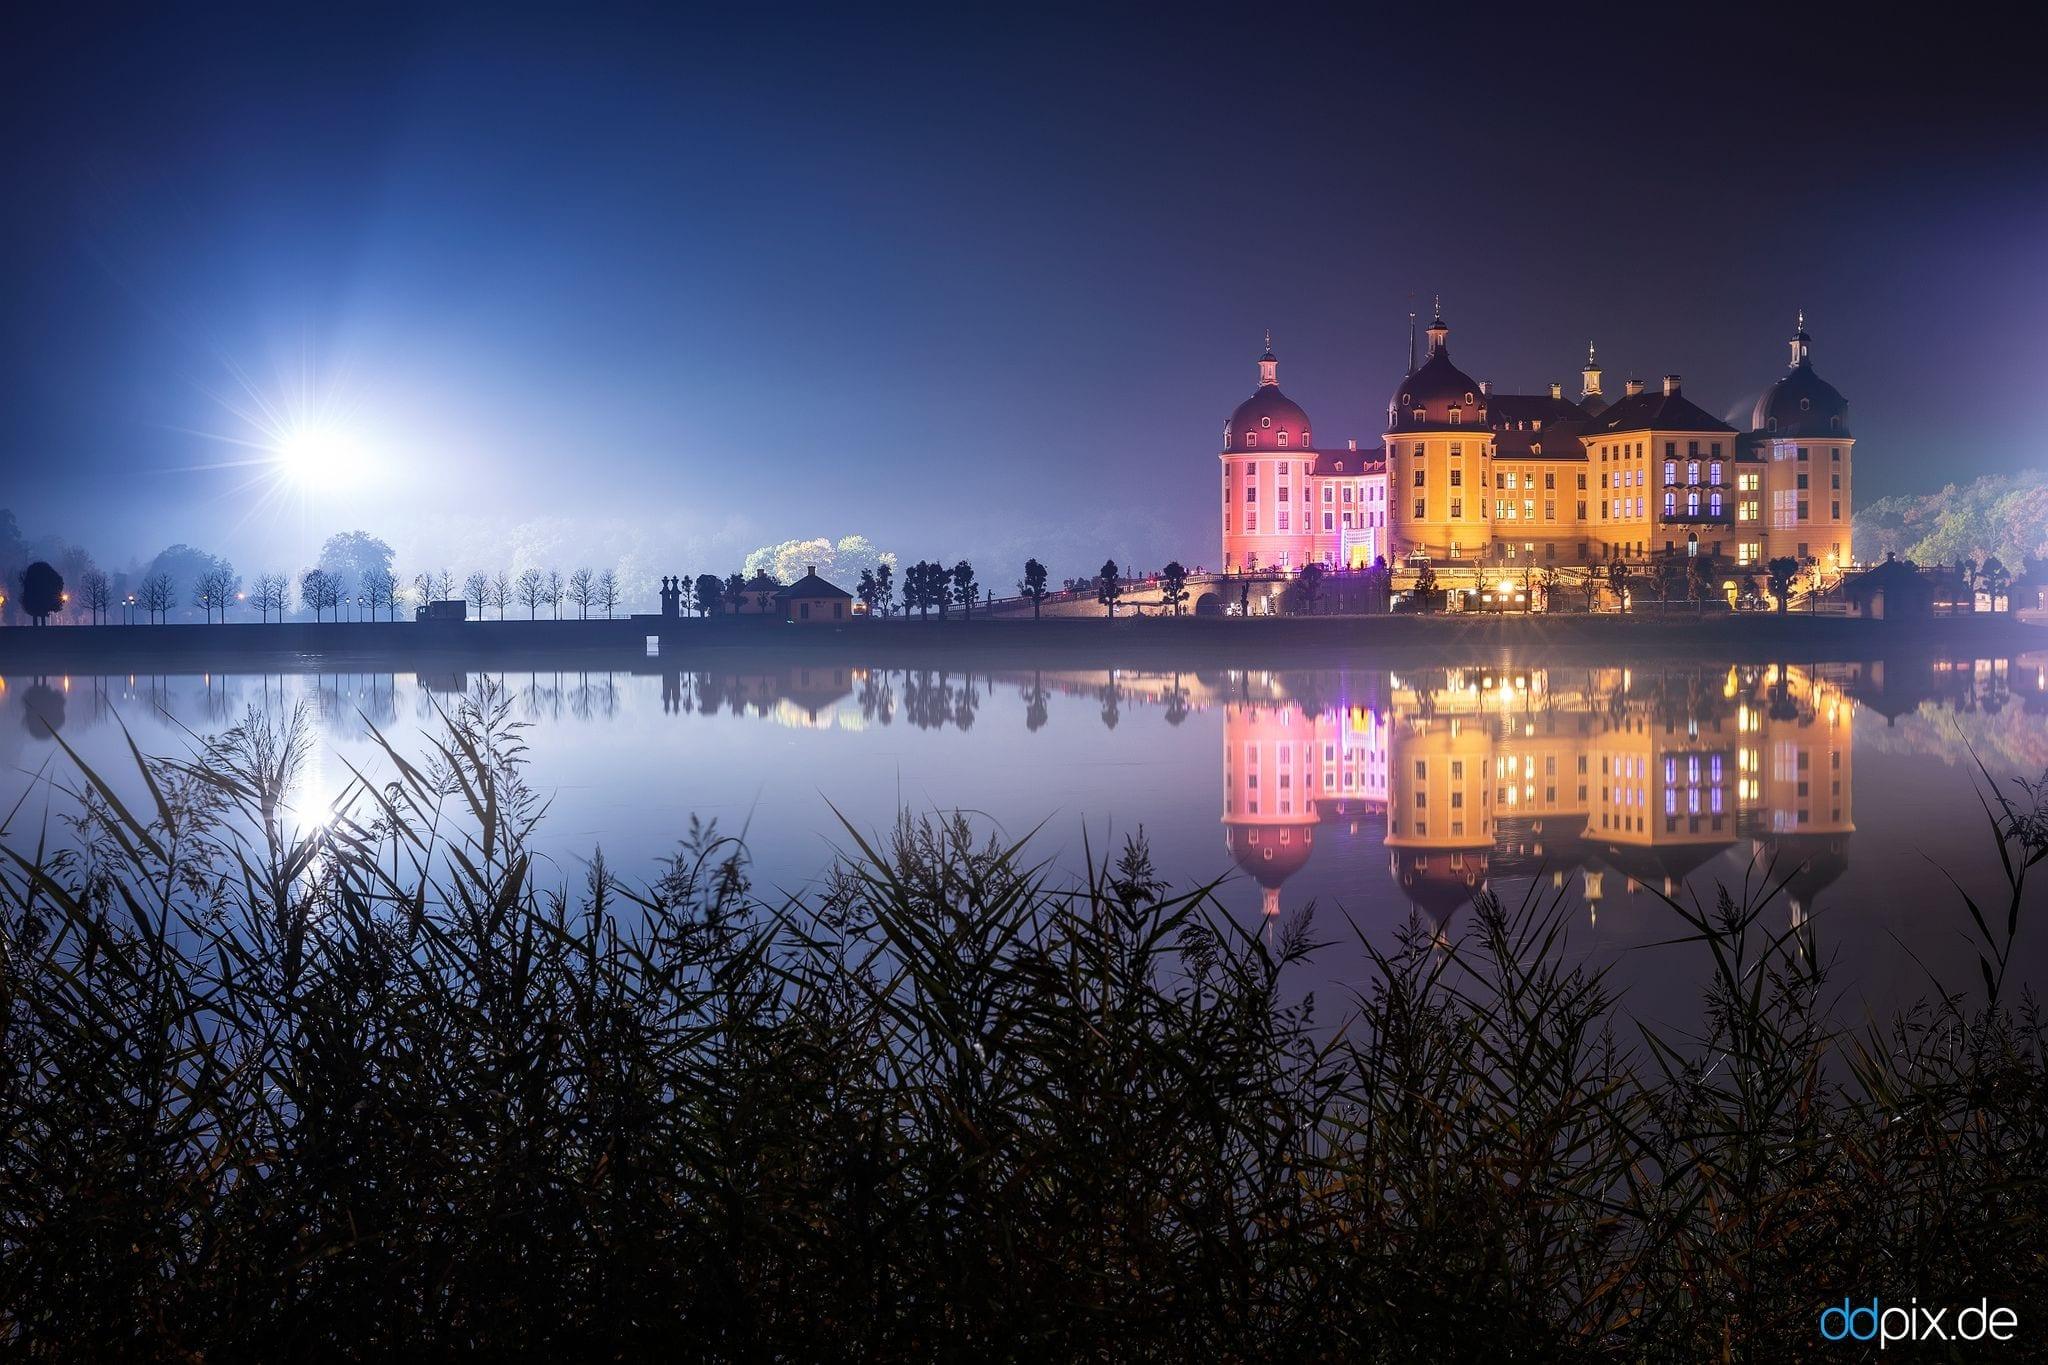 Dreharbeiten am Schloss Moritzburg